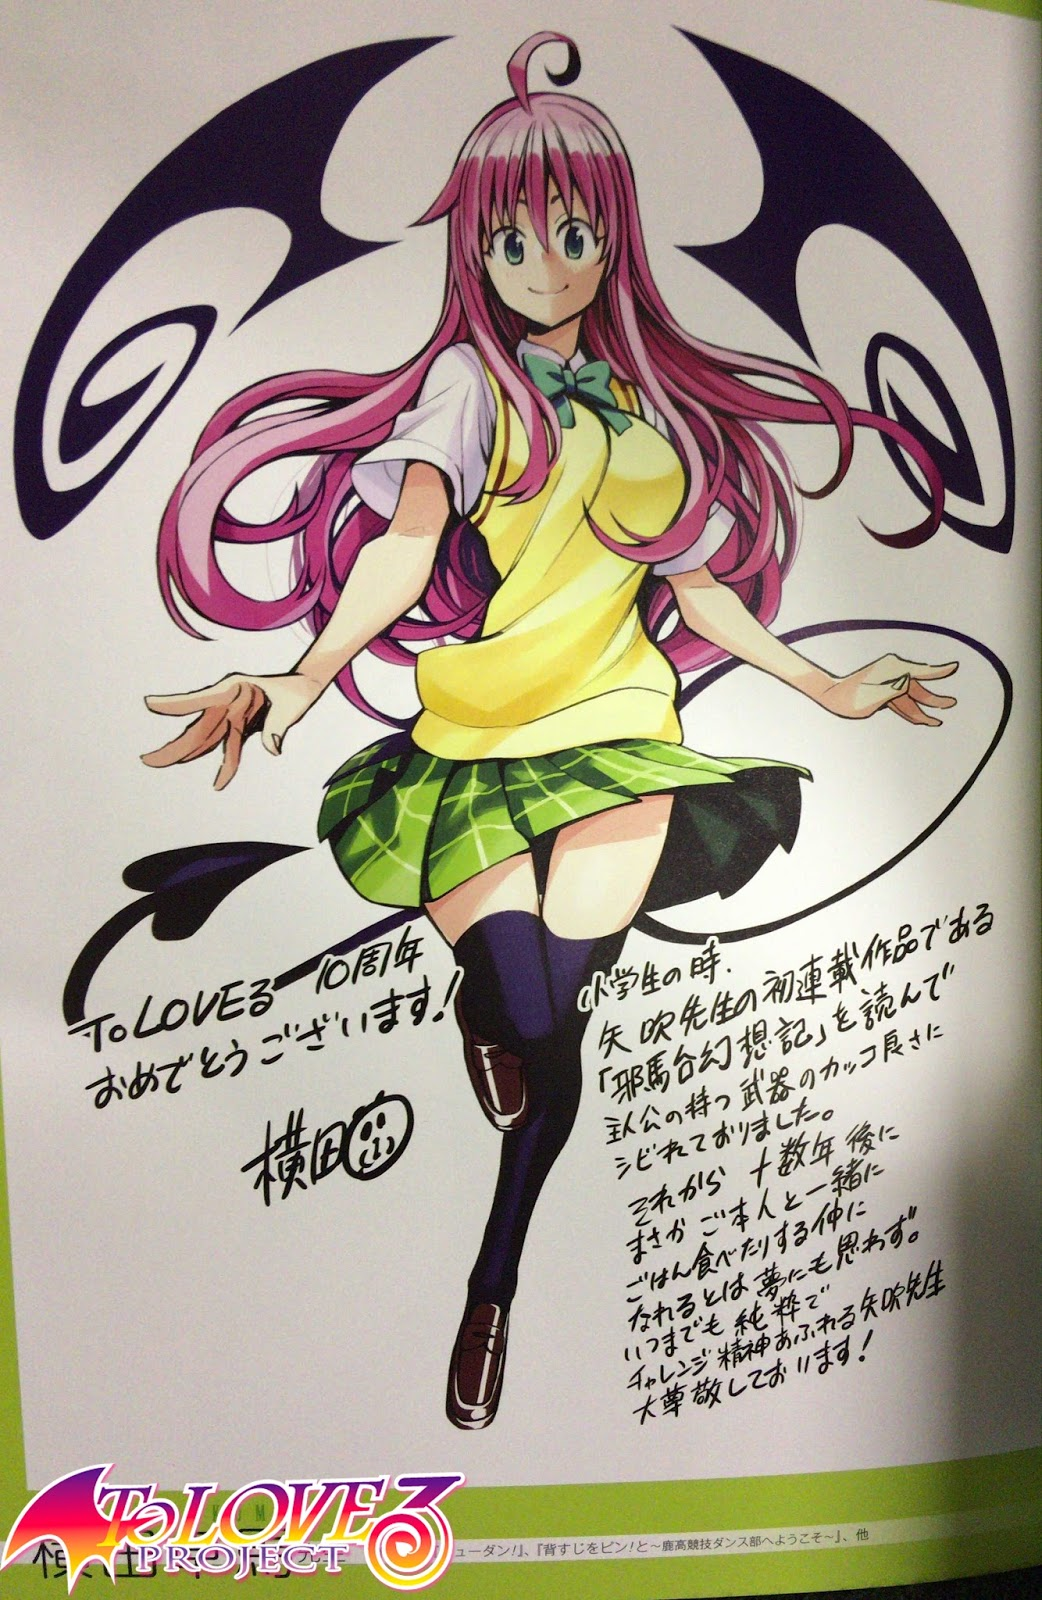 Todas as 22 ilustrações de mangakás em homenagem a To Love Ru